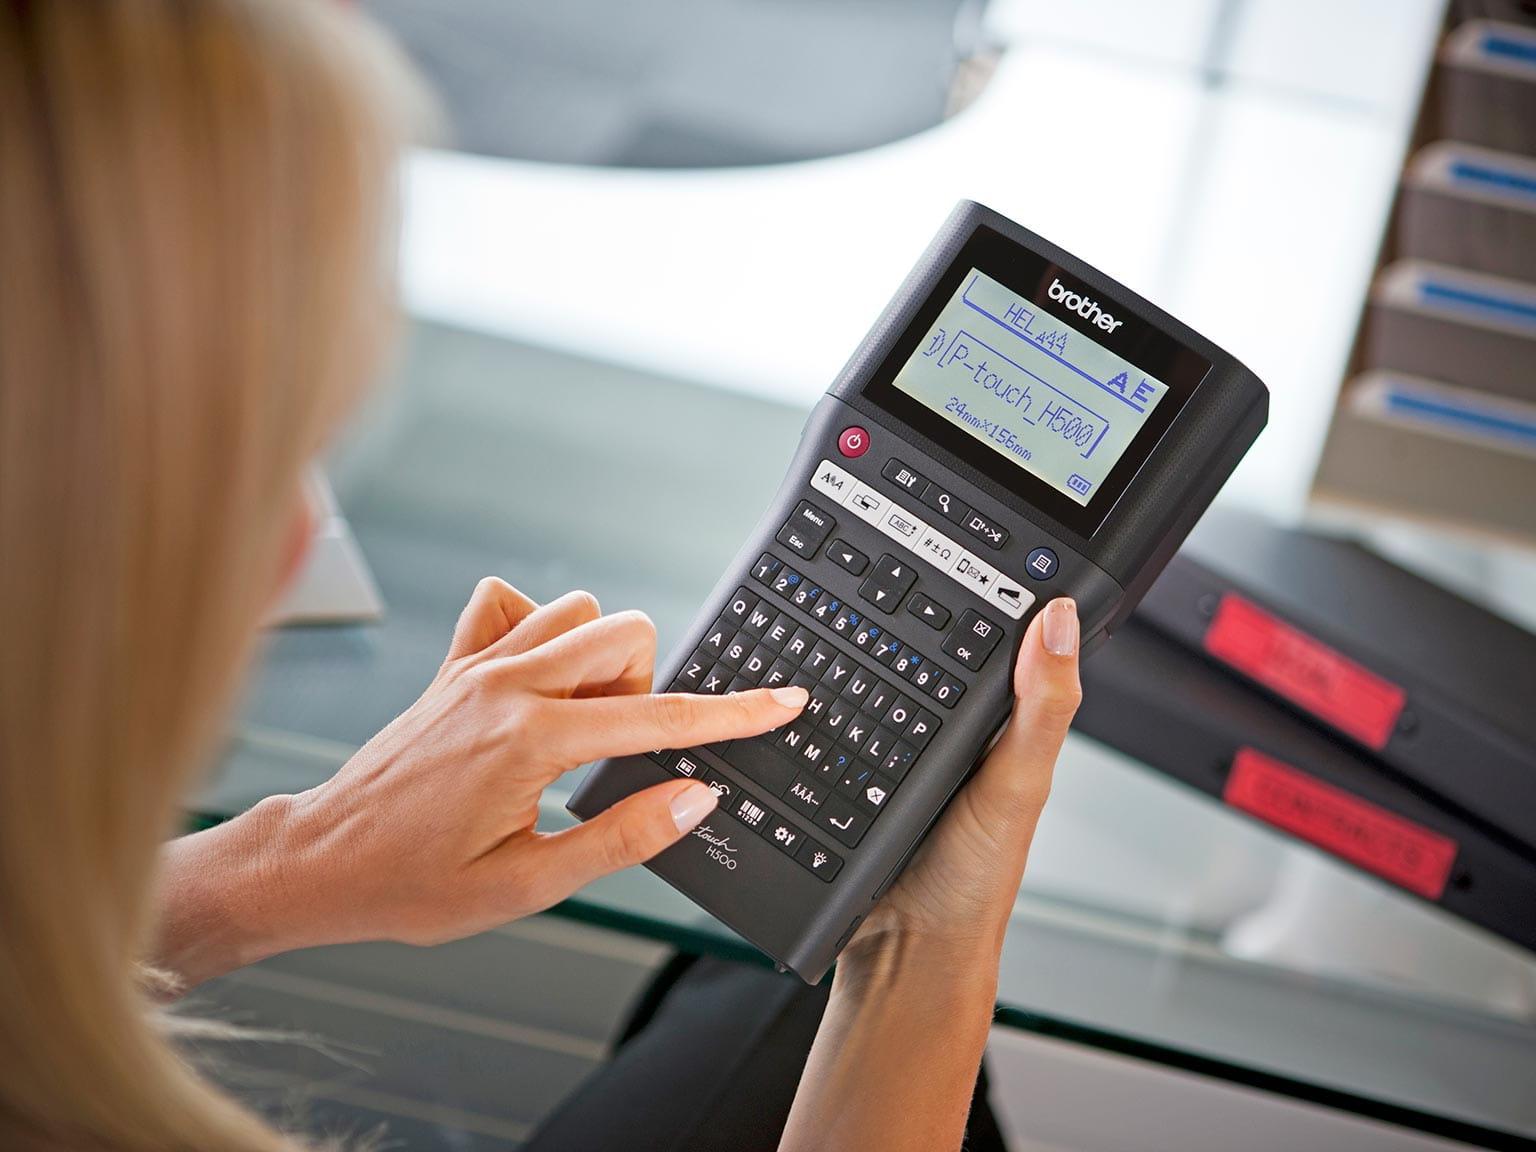 P-touch H500 pisač naljepnica ispisuje naljepnicu dok ga drži u ruci upravitelj objekta